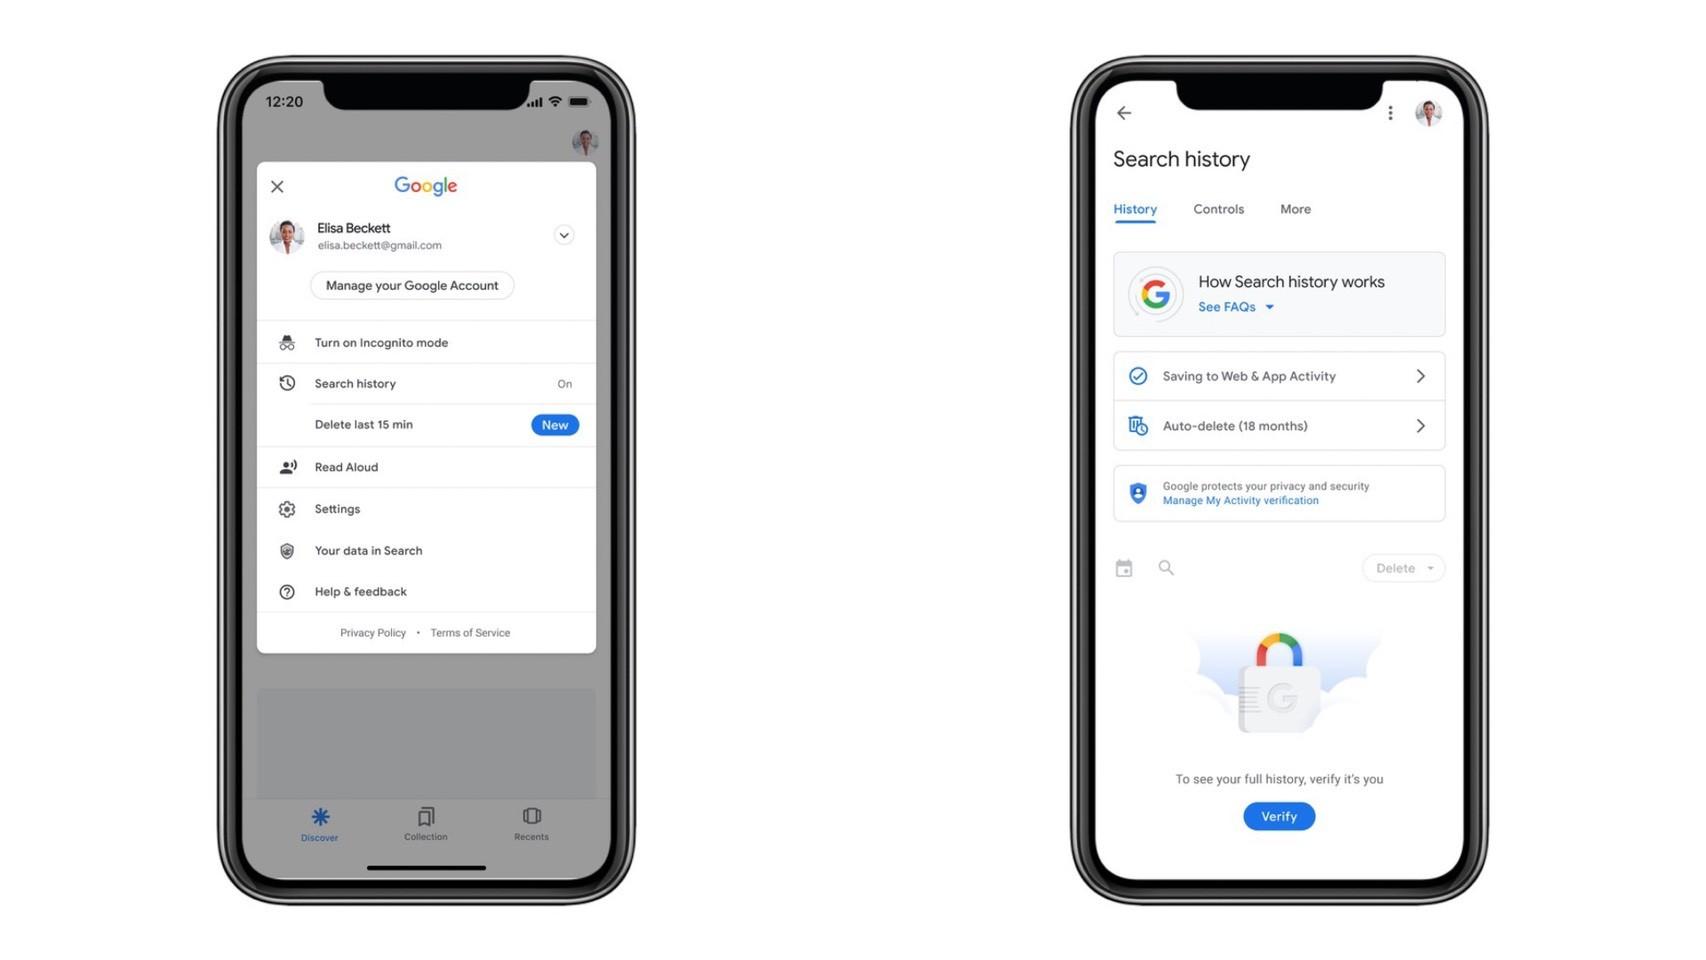 ▲Google新功能可刪除最近15分鐘內搜尋紀錄 。(圖/取自9to5google)